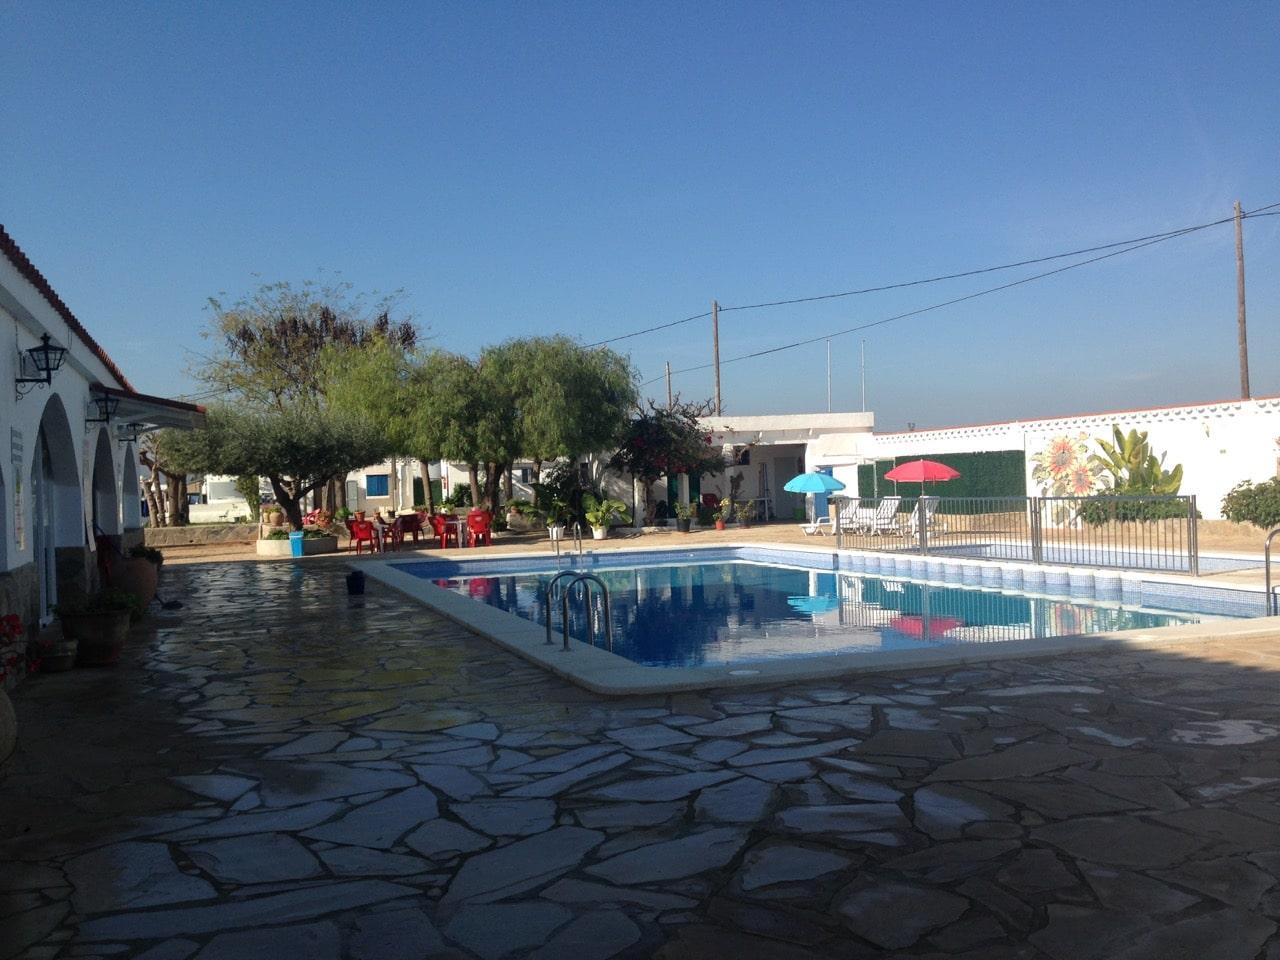 Ein Pool und im Hintergrund ein Spielplatz